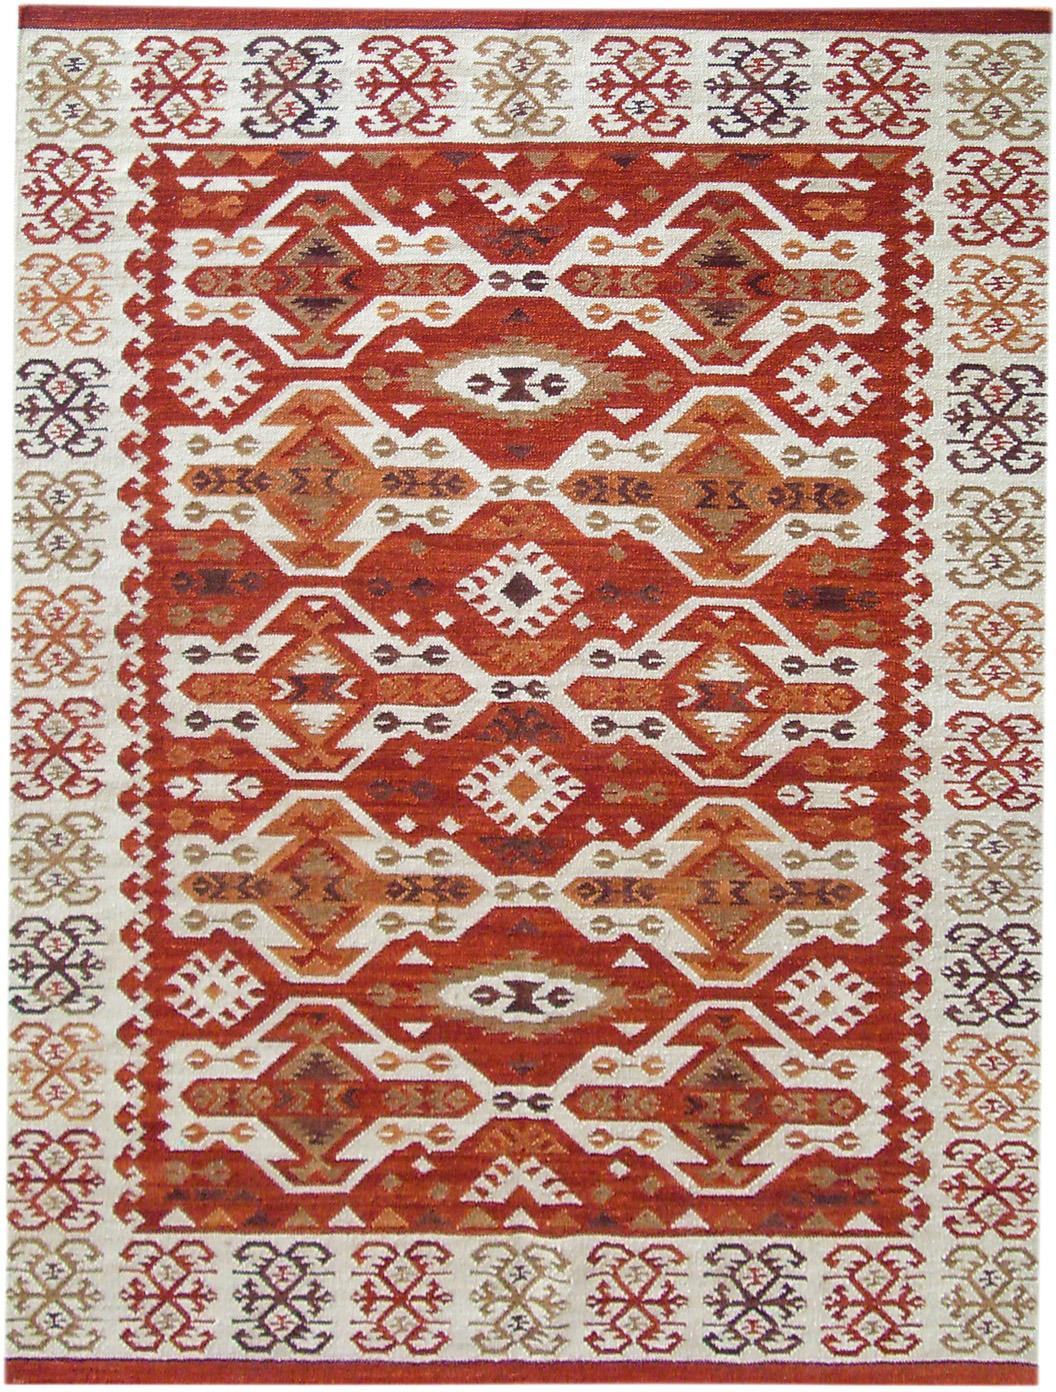 Ręcznie tkany kilim z wełny Ria, 100% wełna, Czerwony, beżowy, pomarańczowy, brązowy, S 120 x D 180 cm (Rozmiar S)